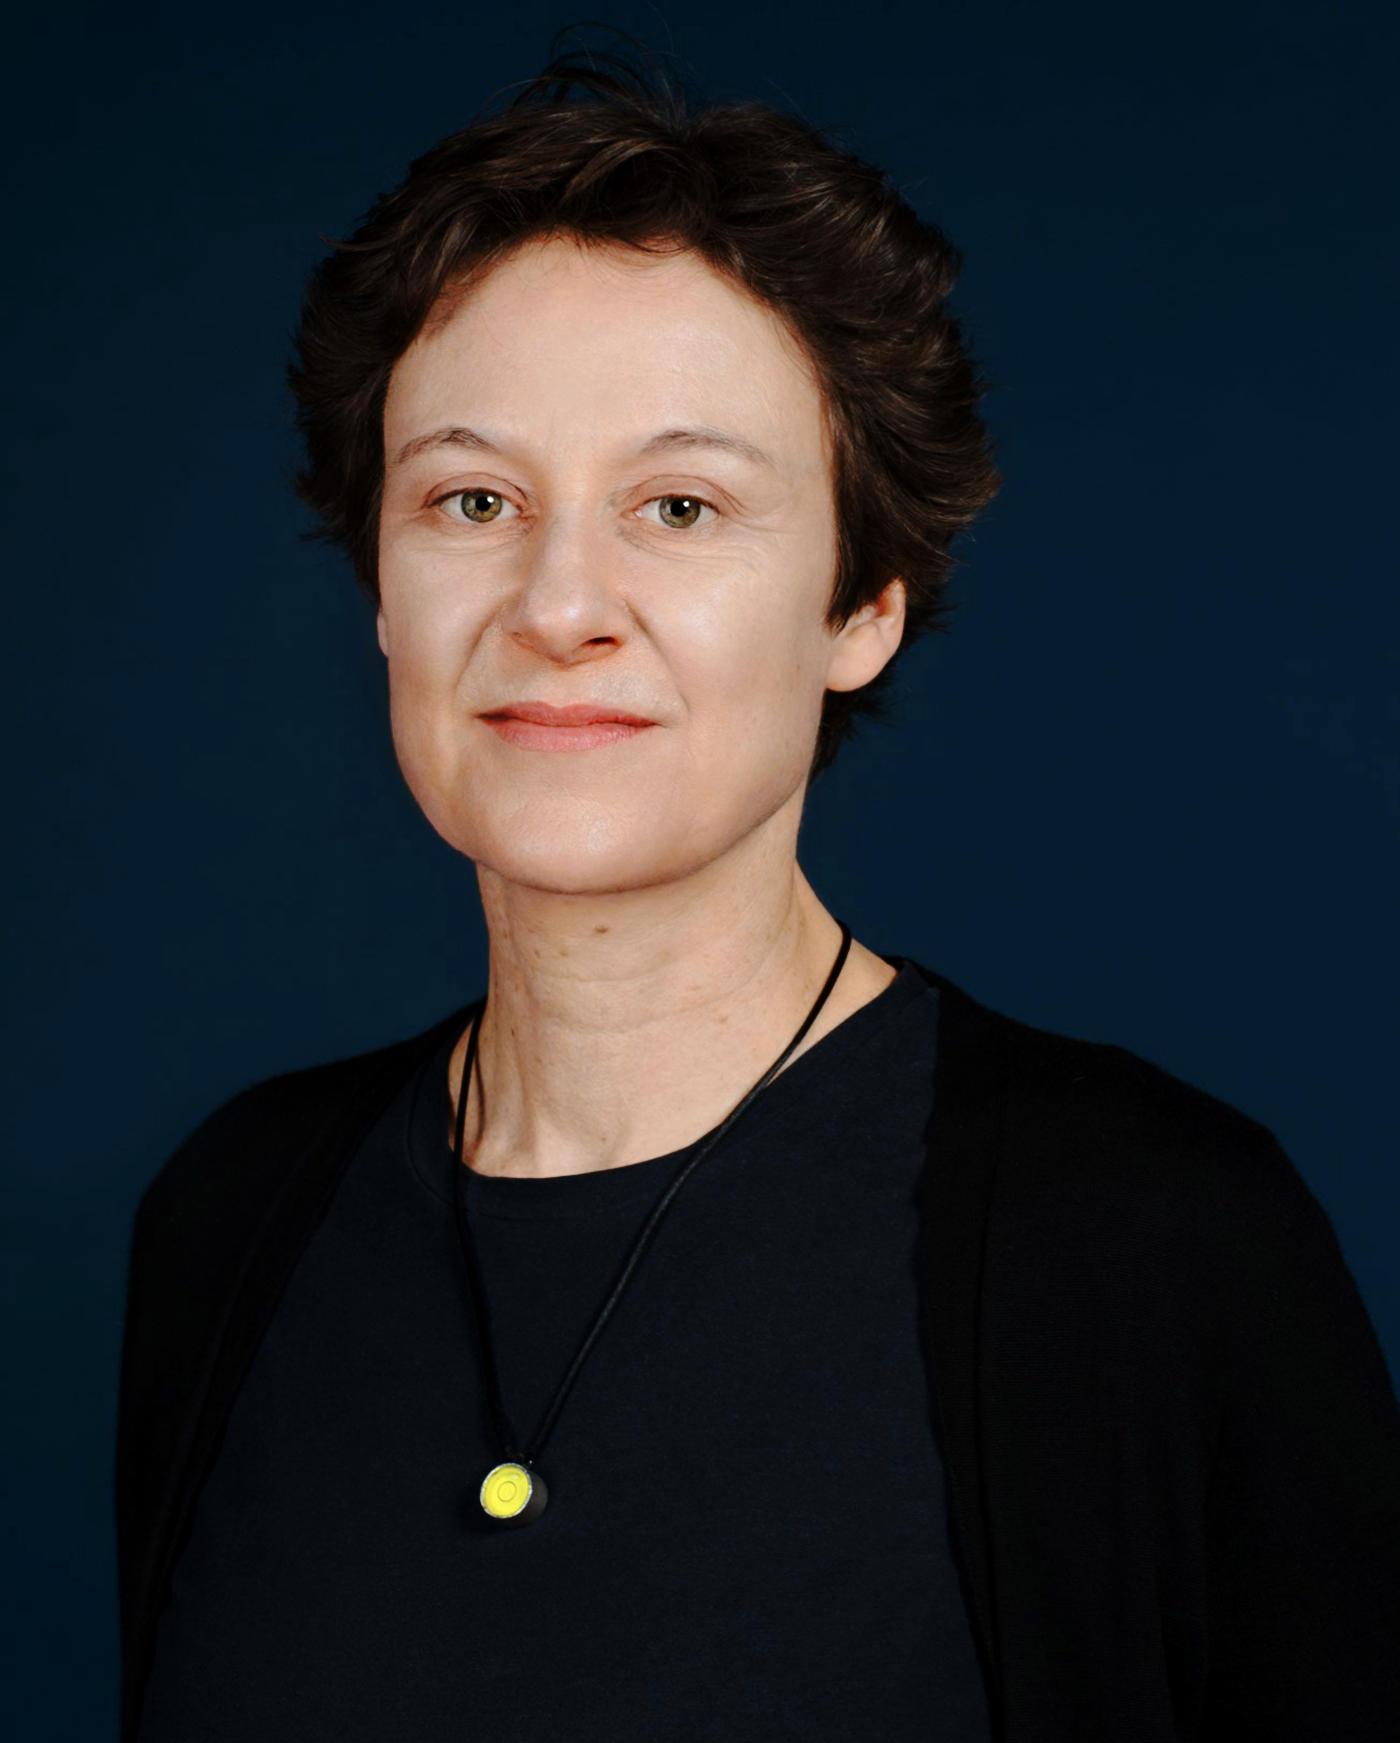 Isabel Mundry